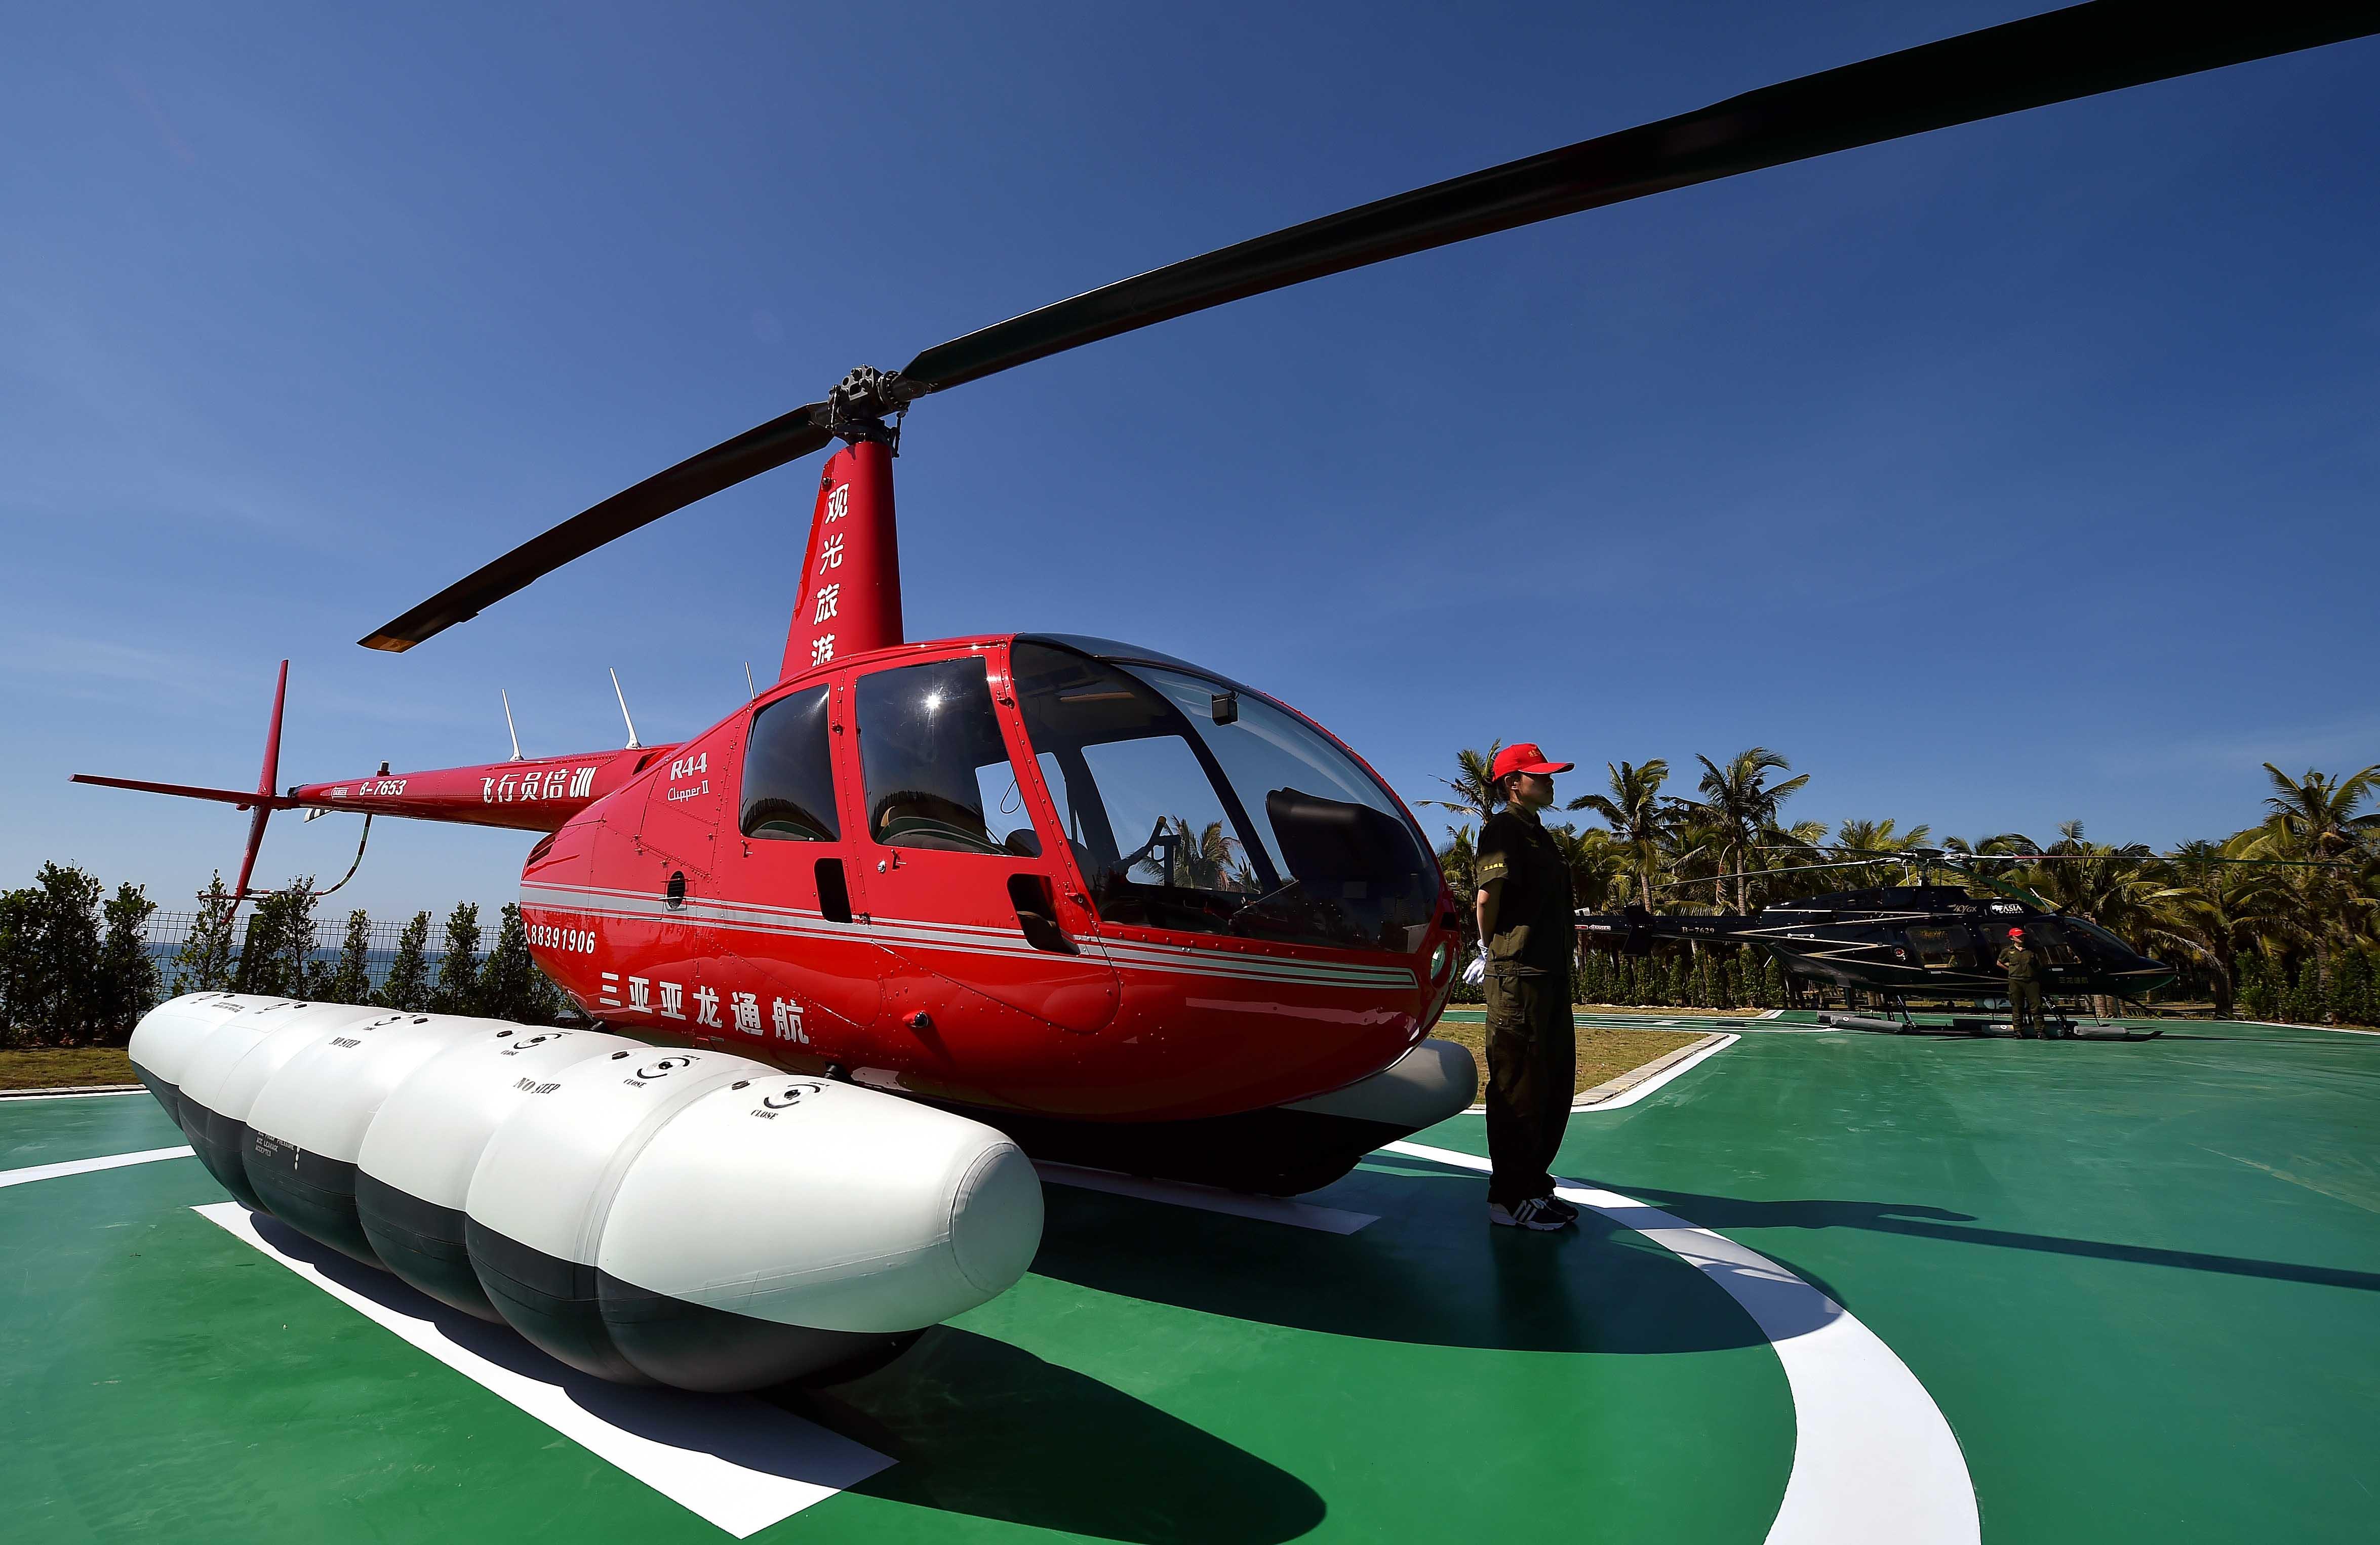 博鳌至海口,博鳌至三亚往返航线正式开通,游客可乘坐直升飞机从空中